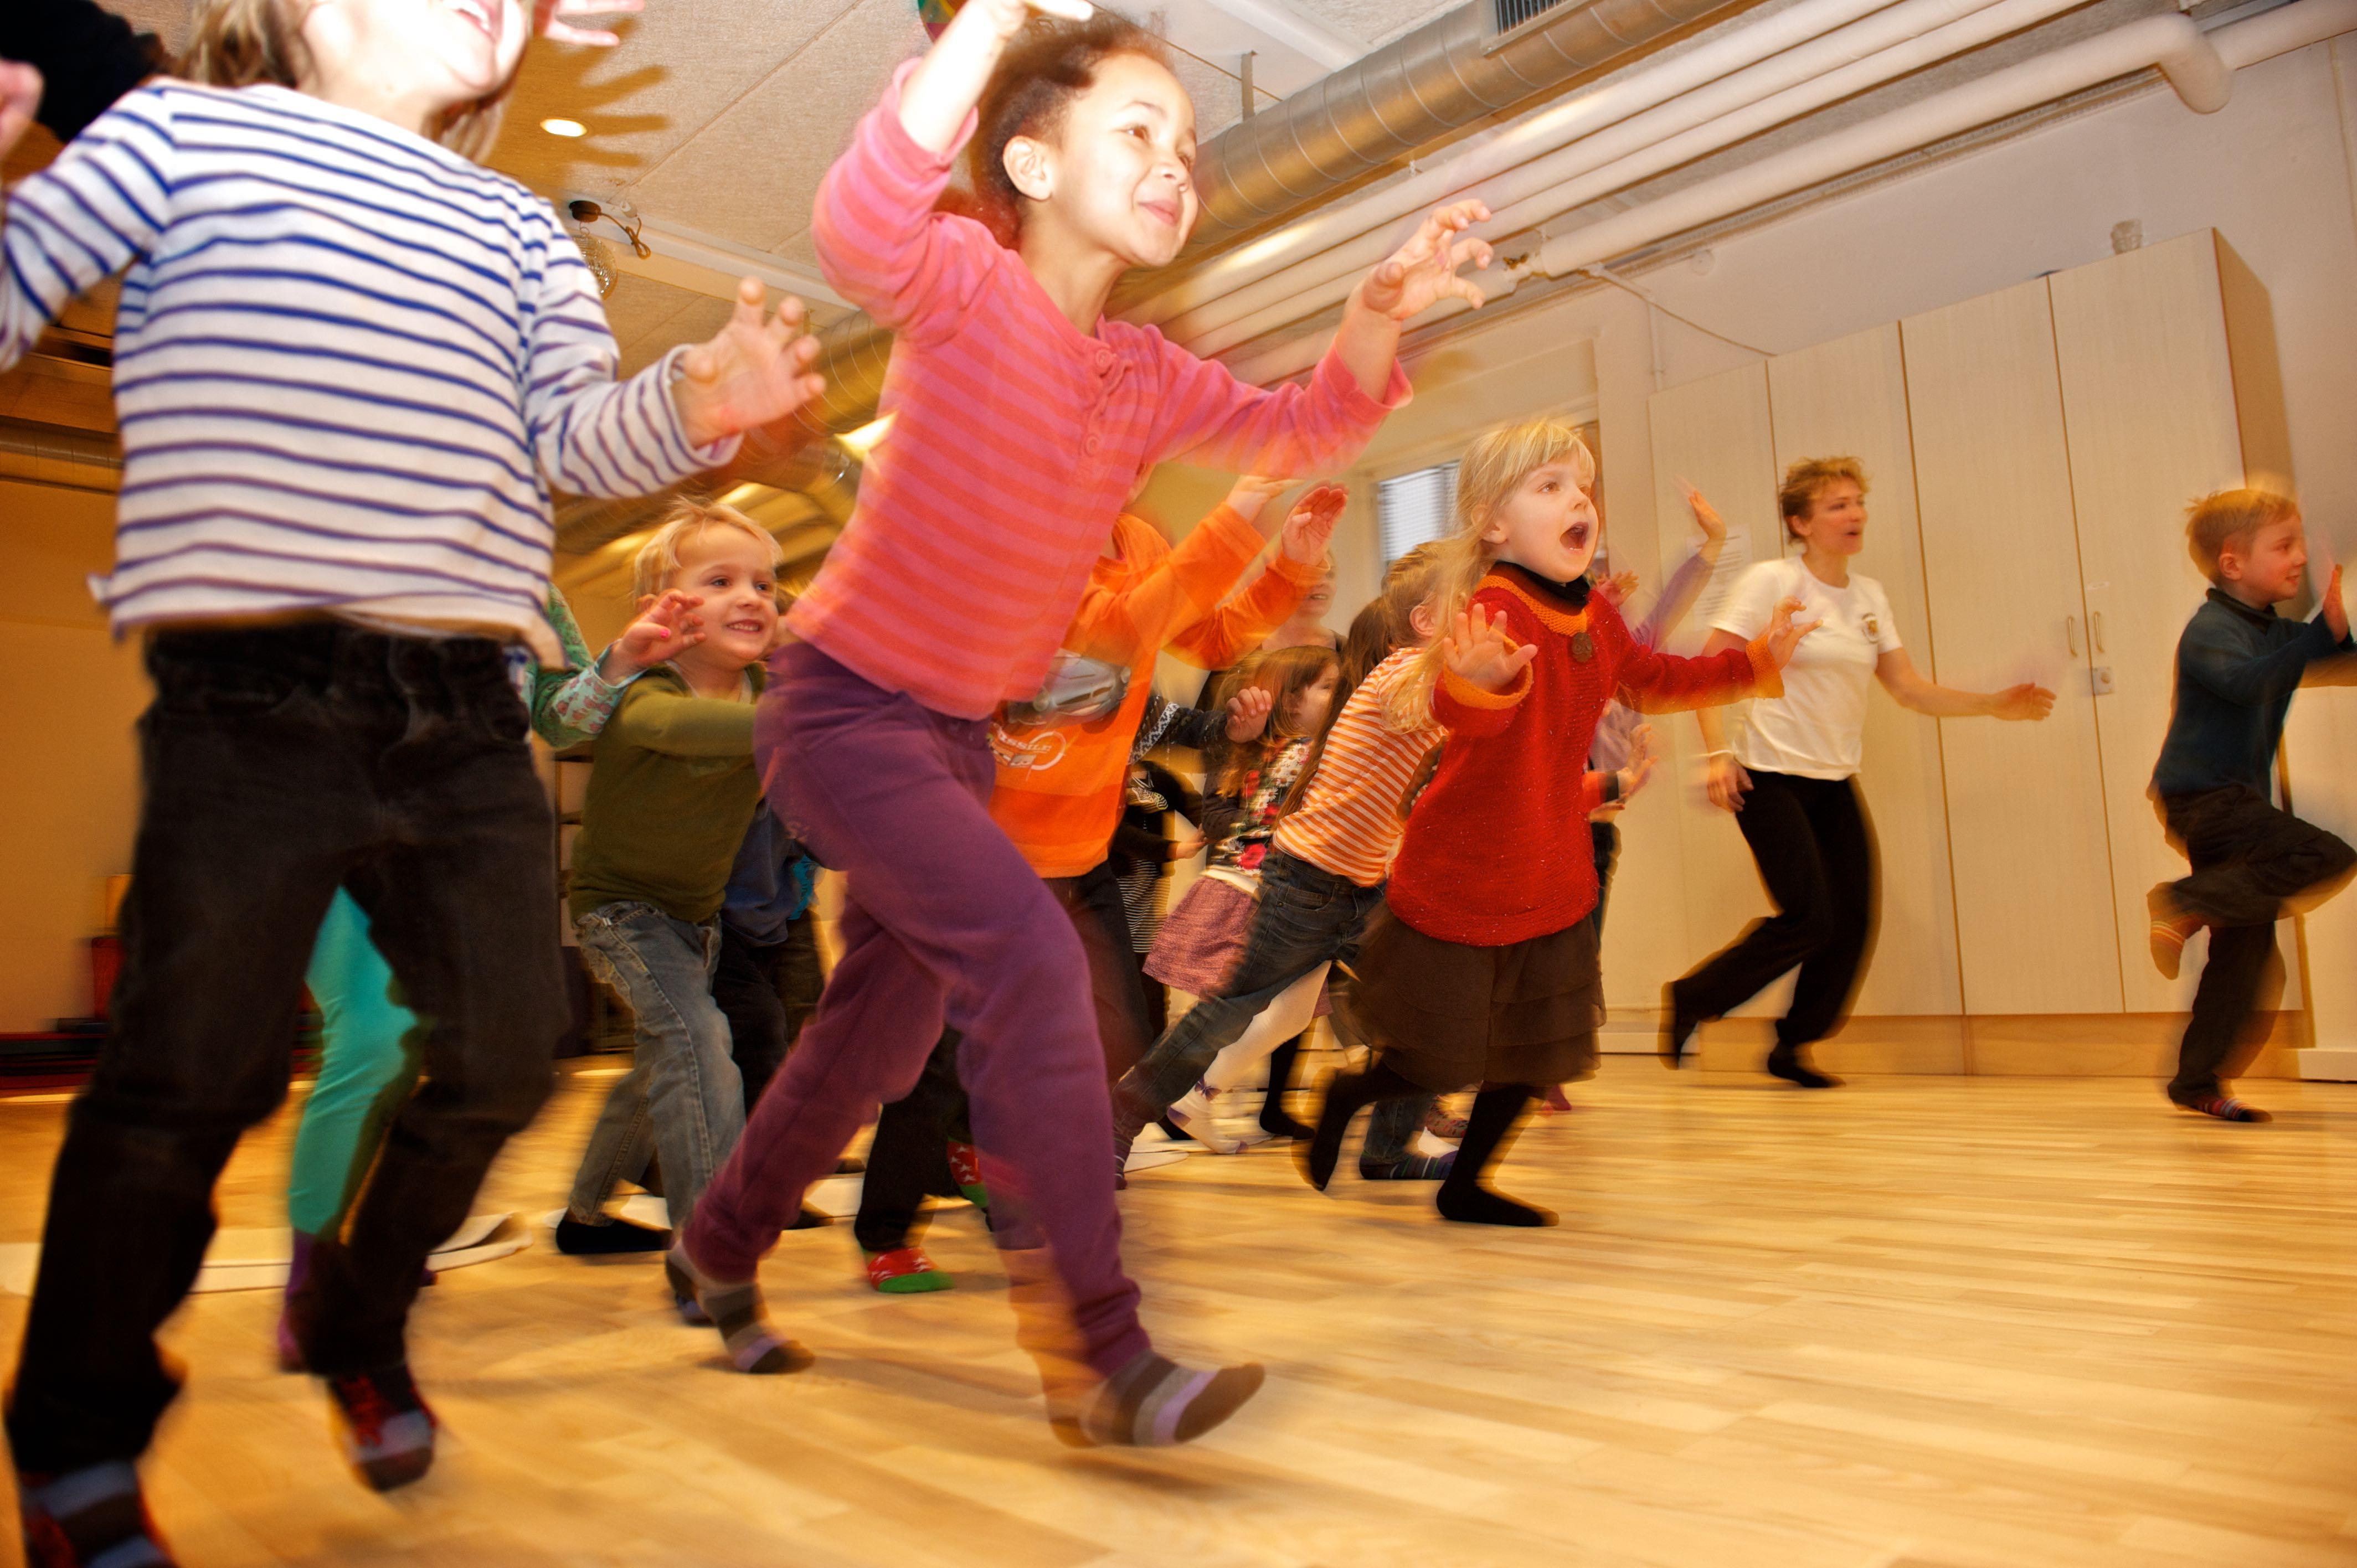 Livet udenfor måtten - Børneyoga og bevægelseskultur i børnehaven.